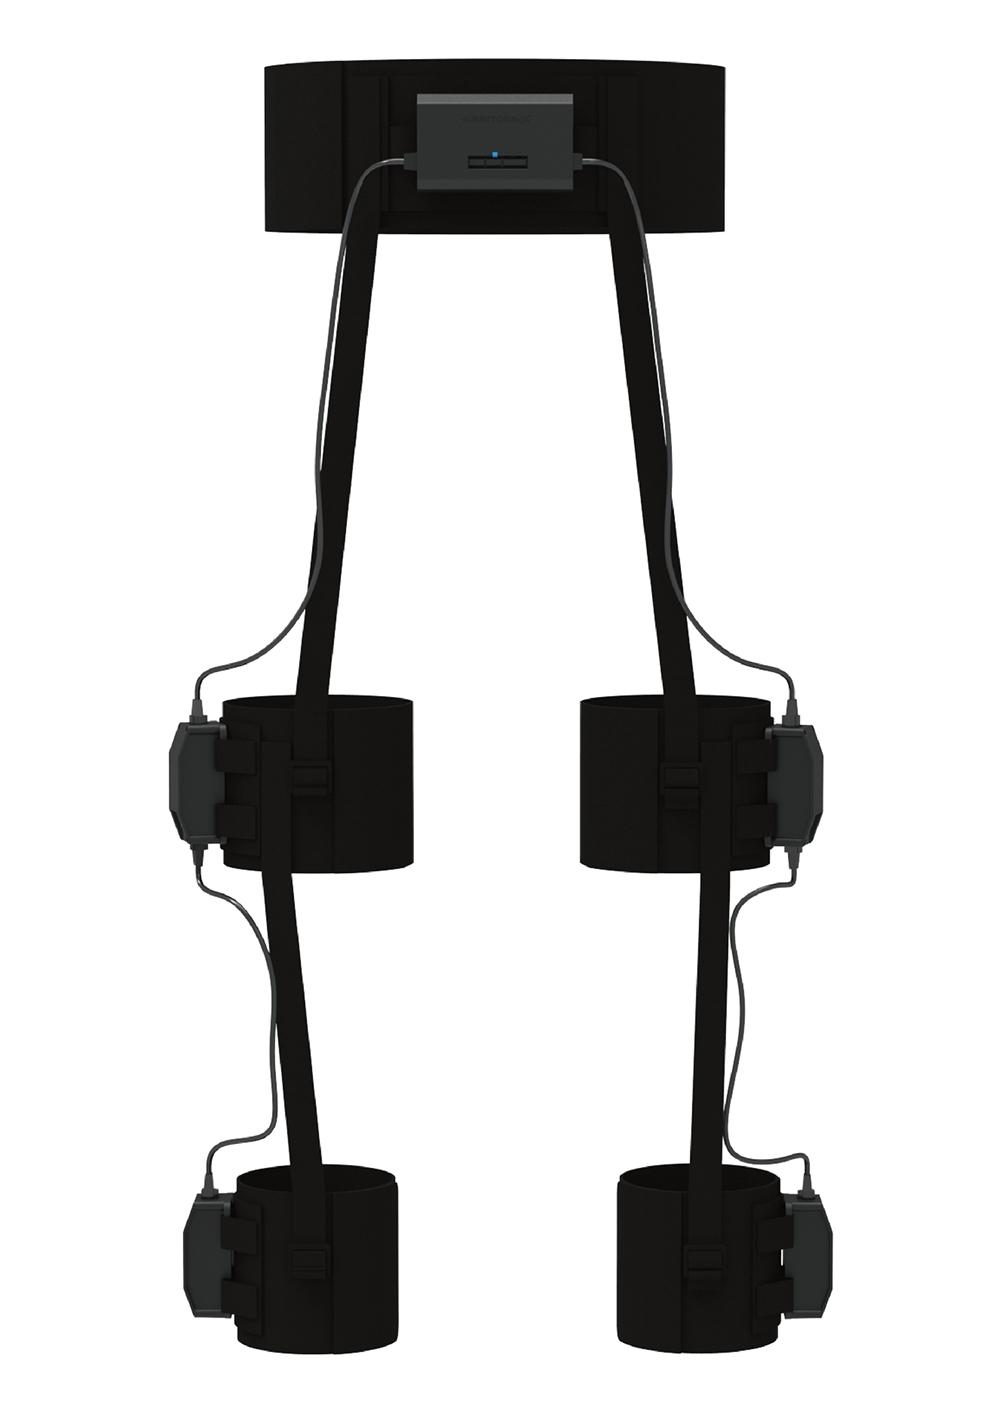 Shiftallが開発したボディートラッキング機器「HaritoraX」 両足と胸にセンサーを取り付けて五体の動きをトラックする。(出所:Shiftall)